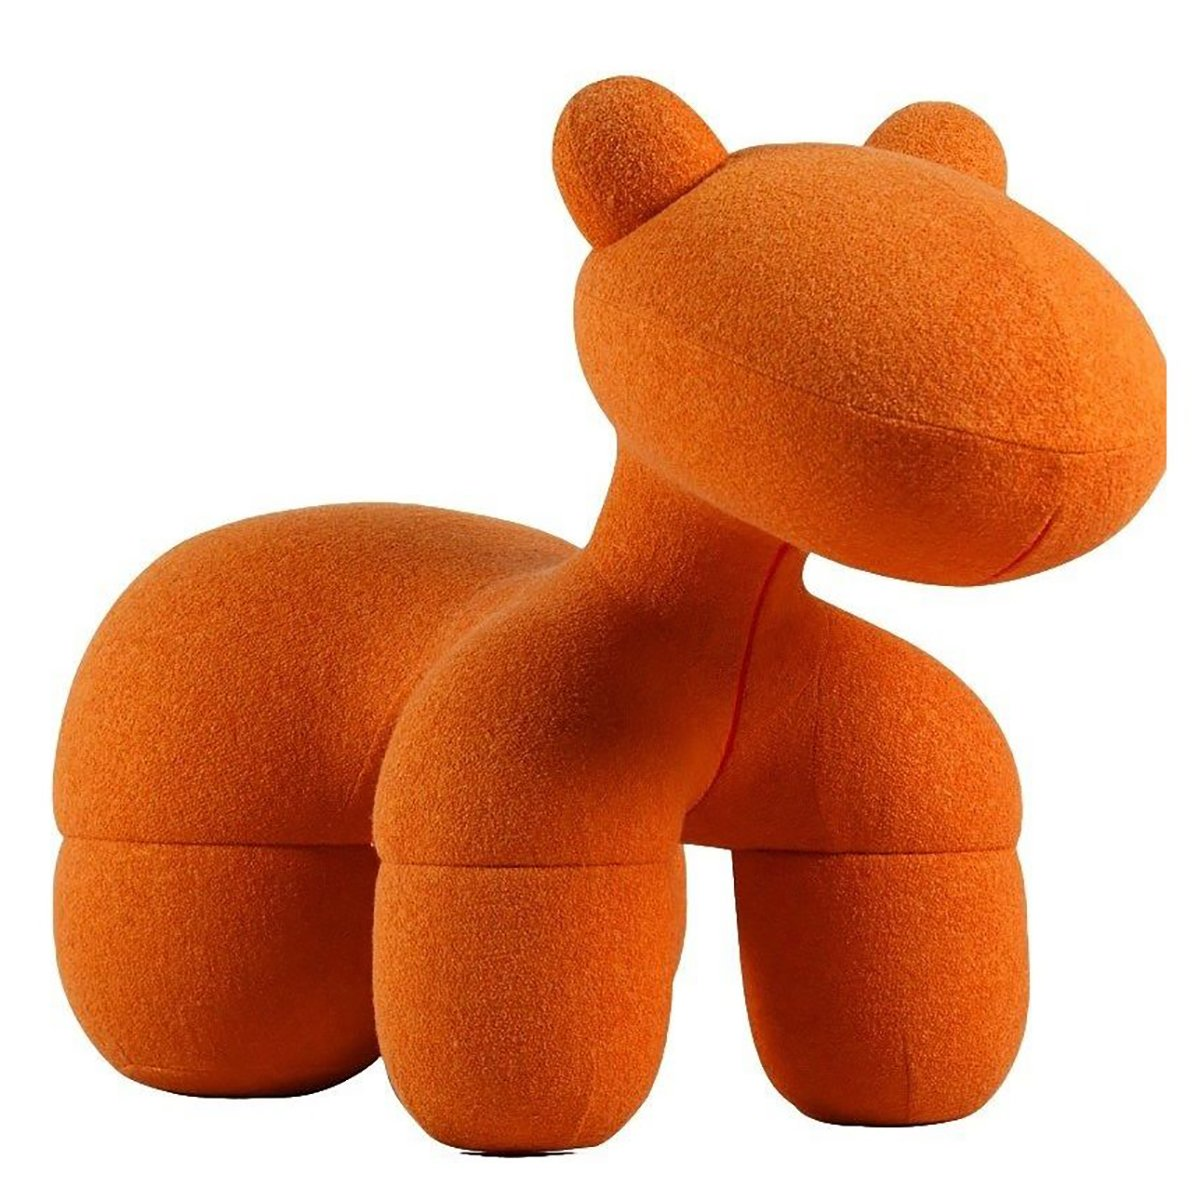 Купить Детское кресло Pony Chair Оранжевое Шерсть в интернет магазине дизайнерской мебели и аксессуаров для дома и дачи